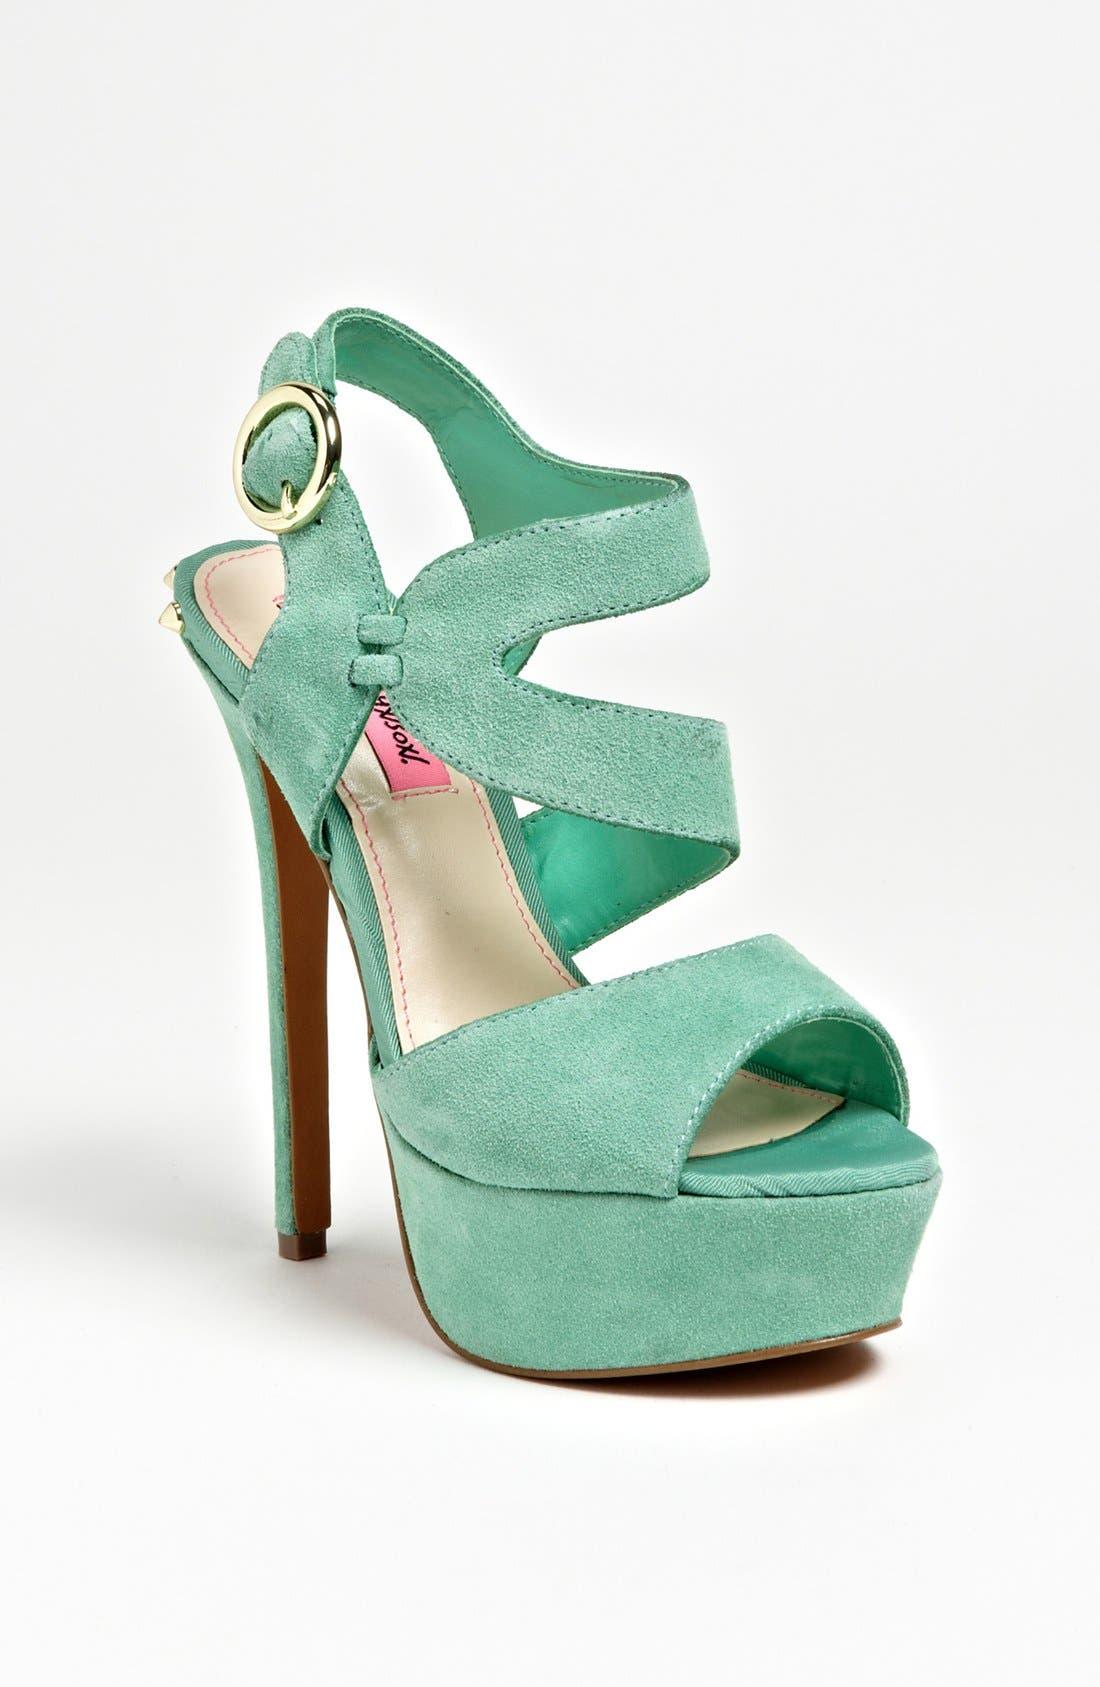 Alternate Image 1 Selected - Betsey Johnson 'Endall' Sandal